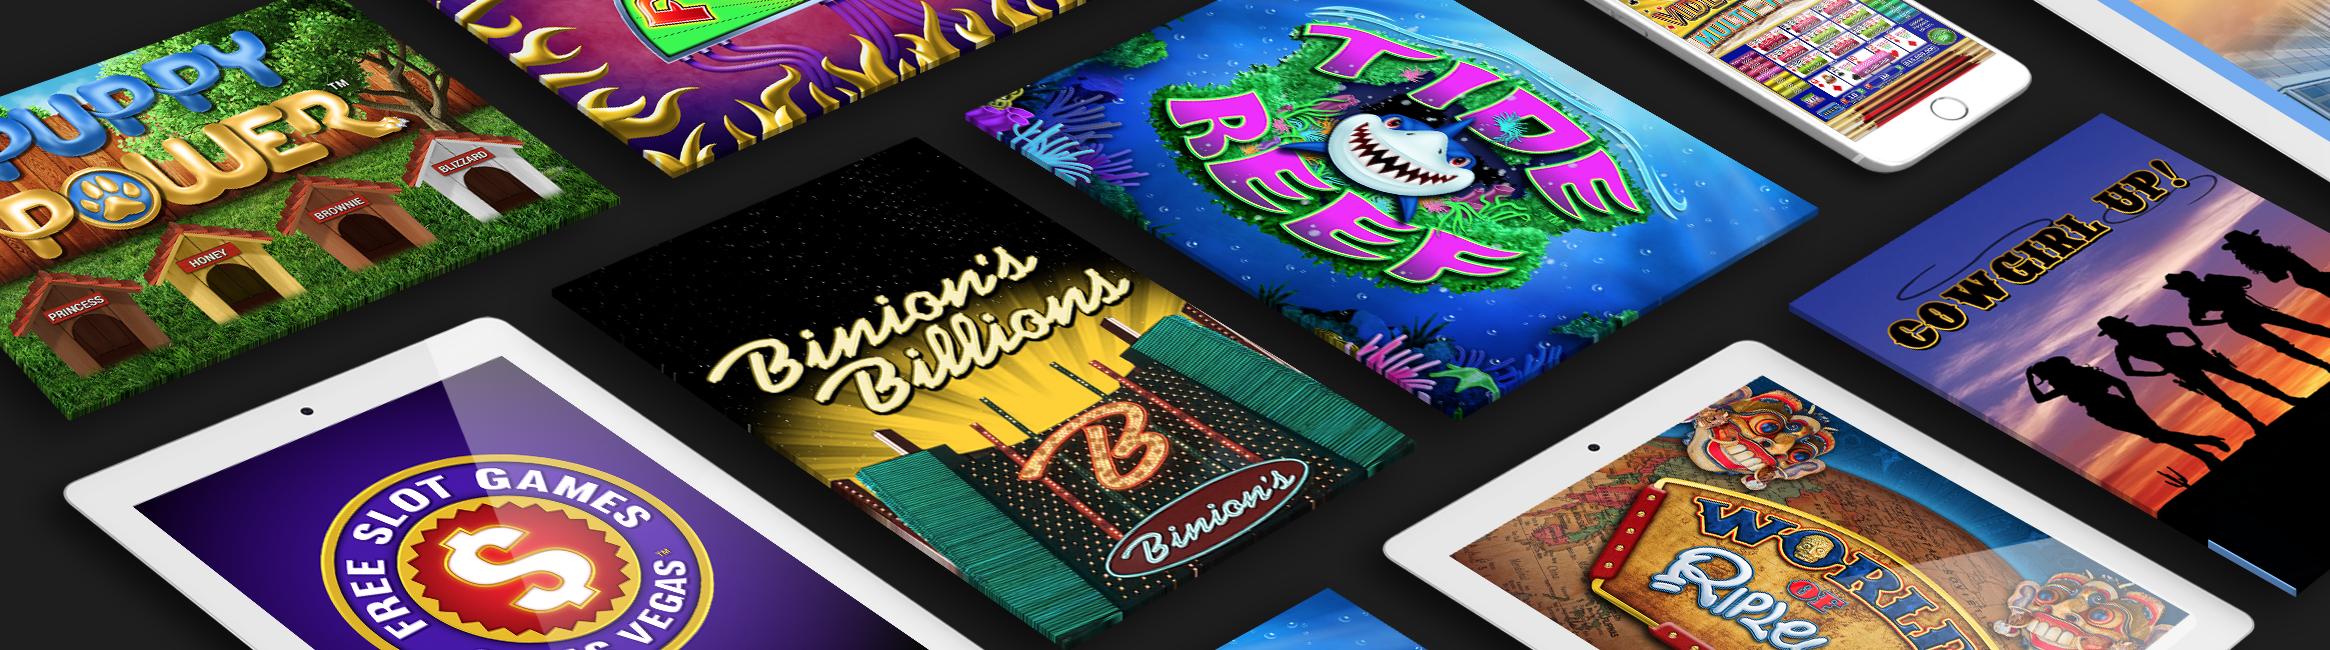 Free Slot Games Of Las Vegas